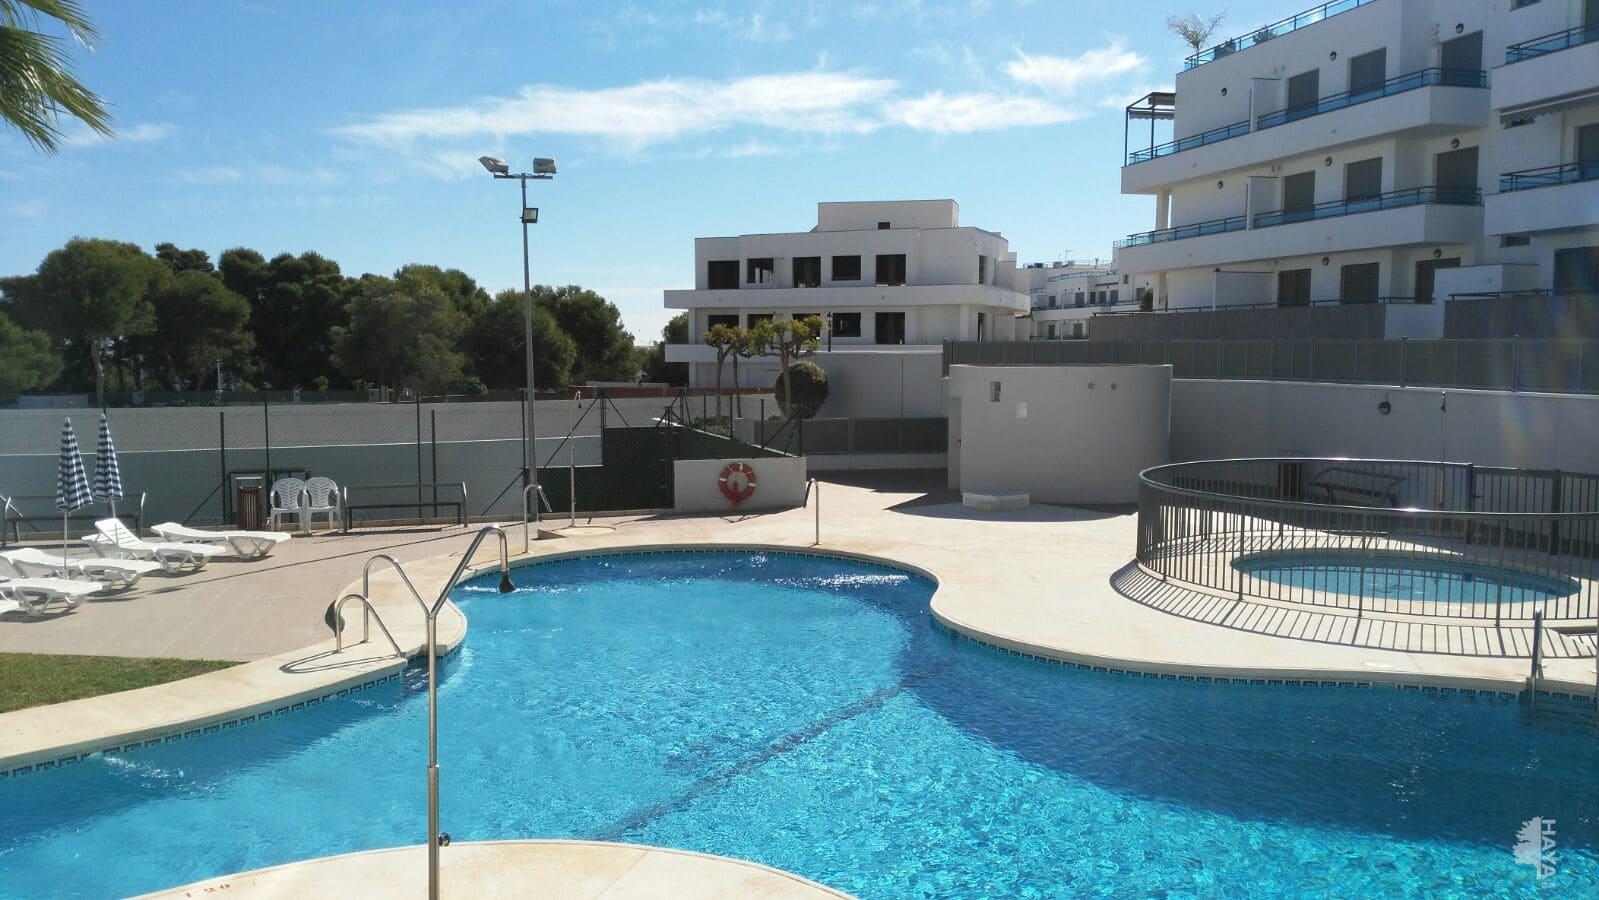 Piso en venta en Garrucha, Almería, Calle Murillo (pinar de Garrucha), B, 98.300 €, 2 habitaciones, 2 baños, 73 m2